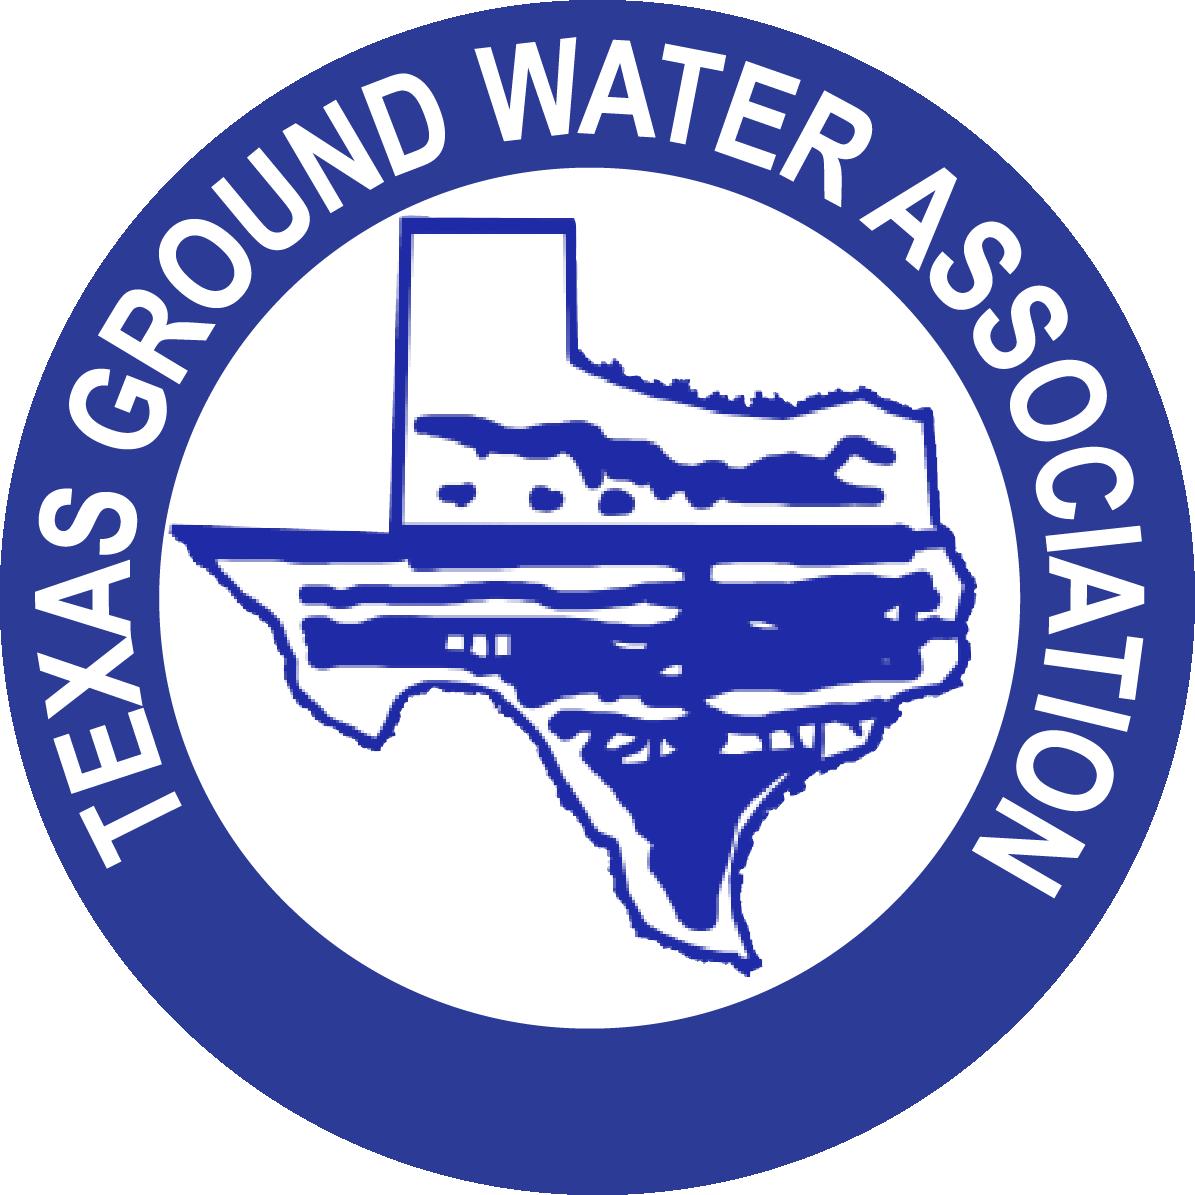 TGWA Annual Convention (August 1-4, 2021) San Marcos, TX